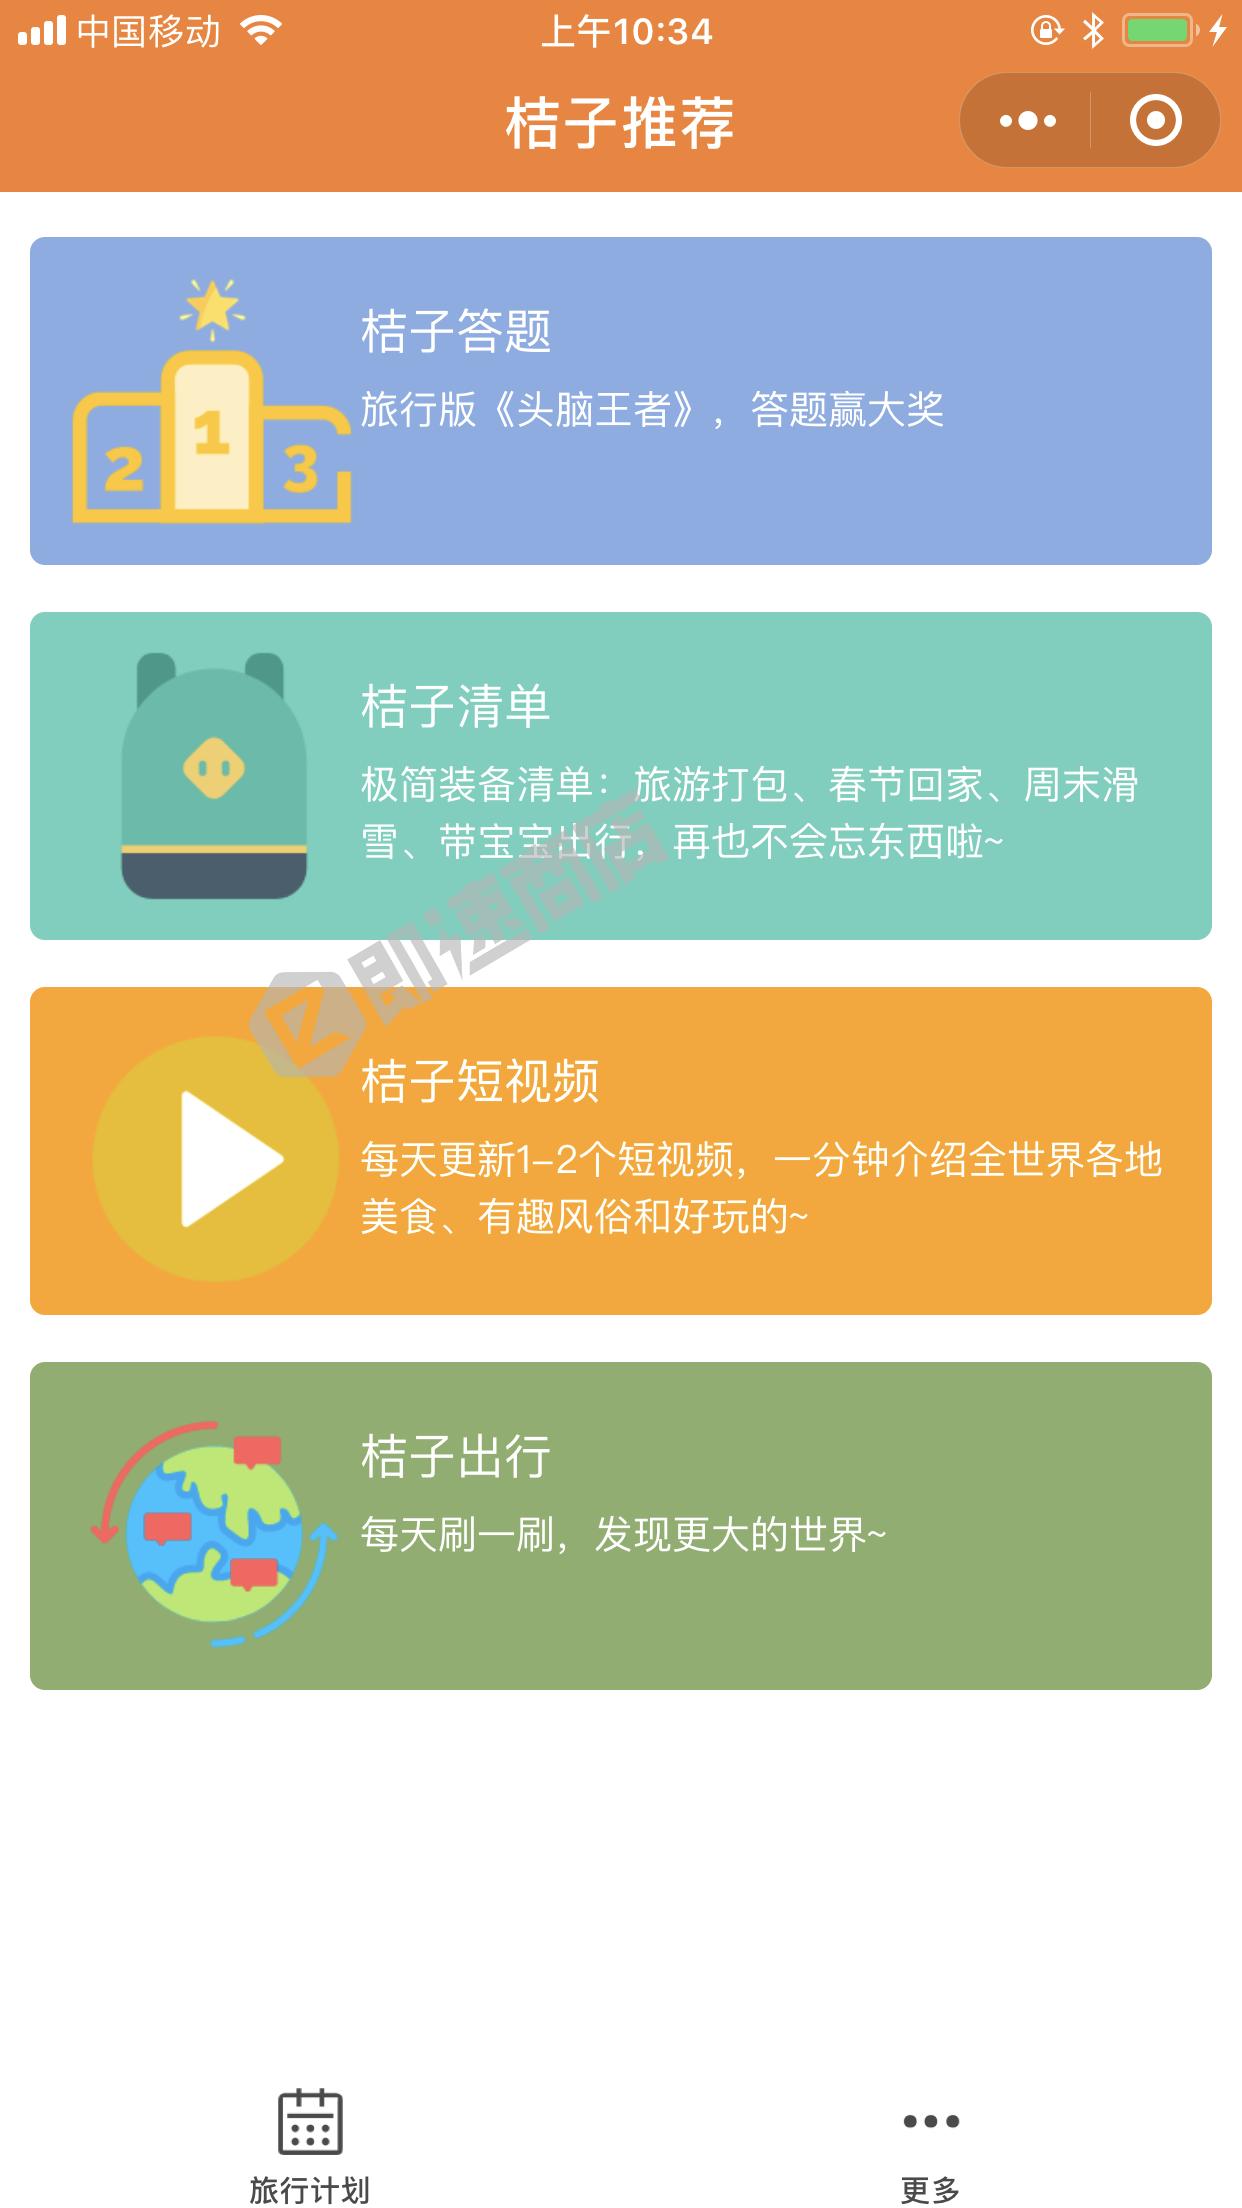 桔子旅行计划小程序首页截图